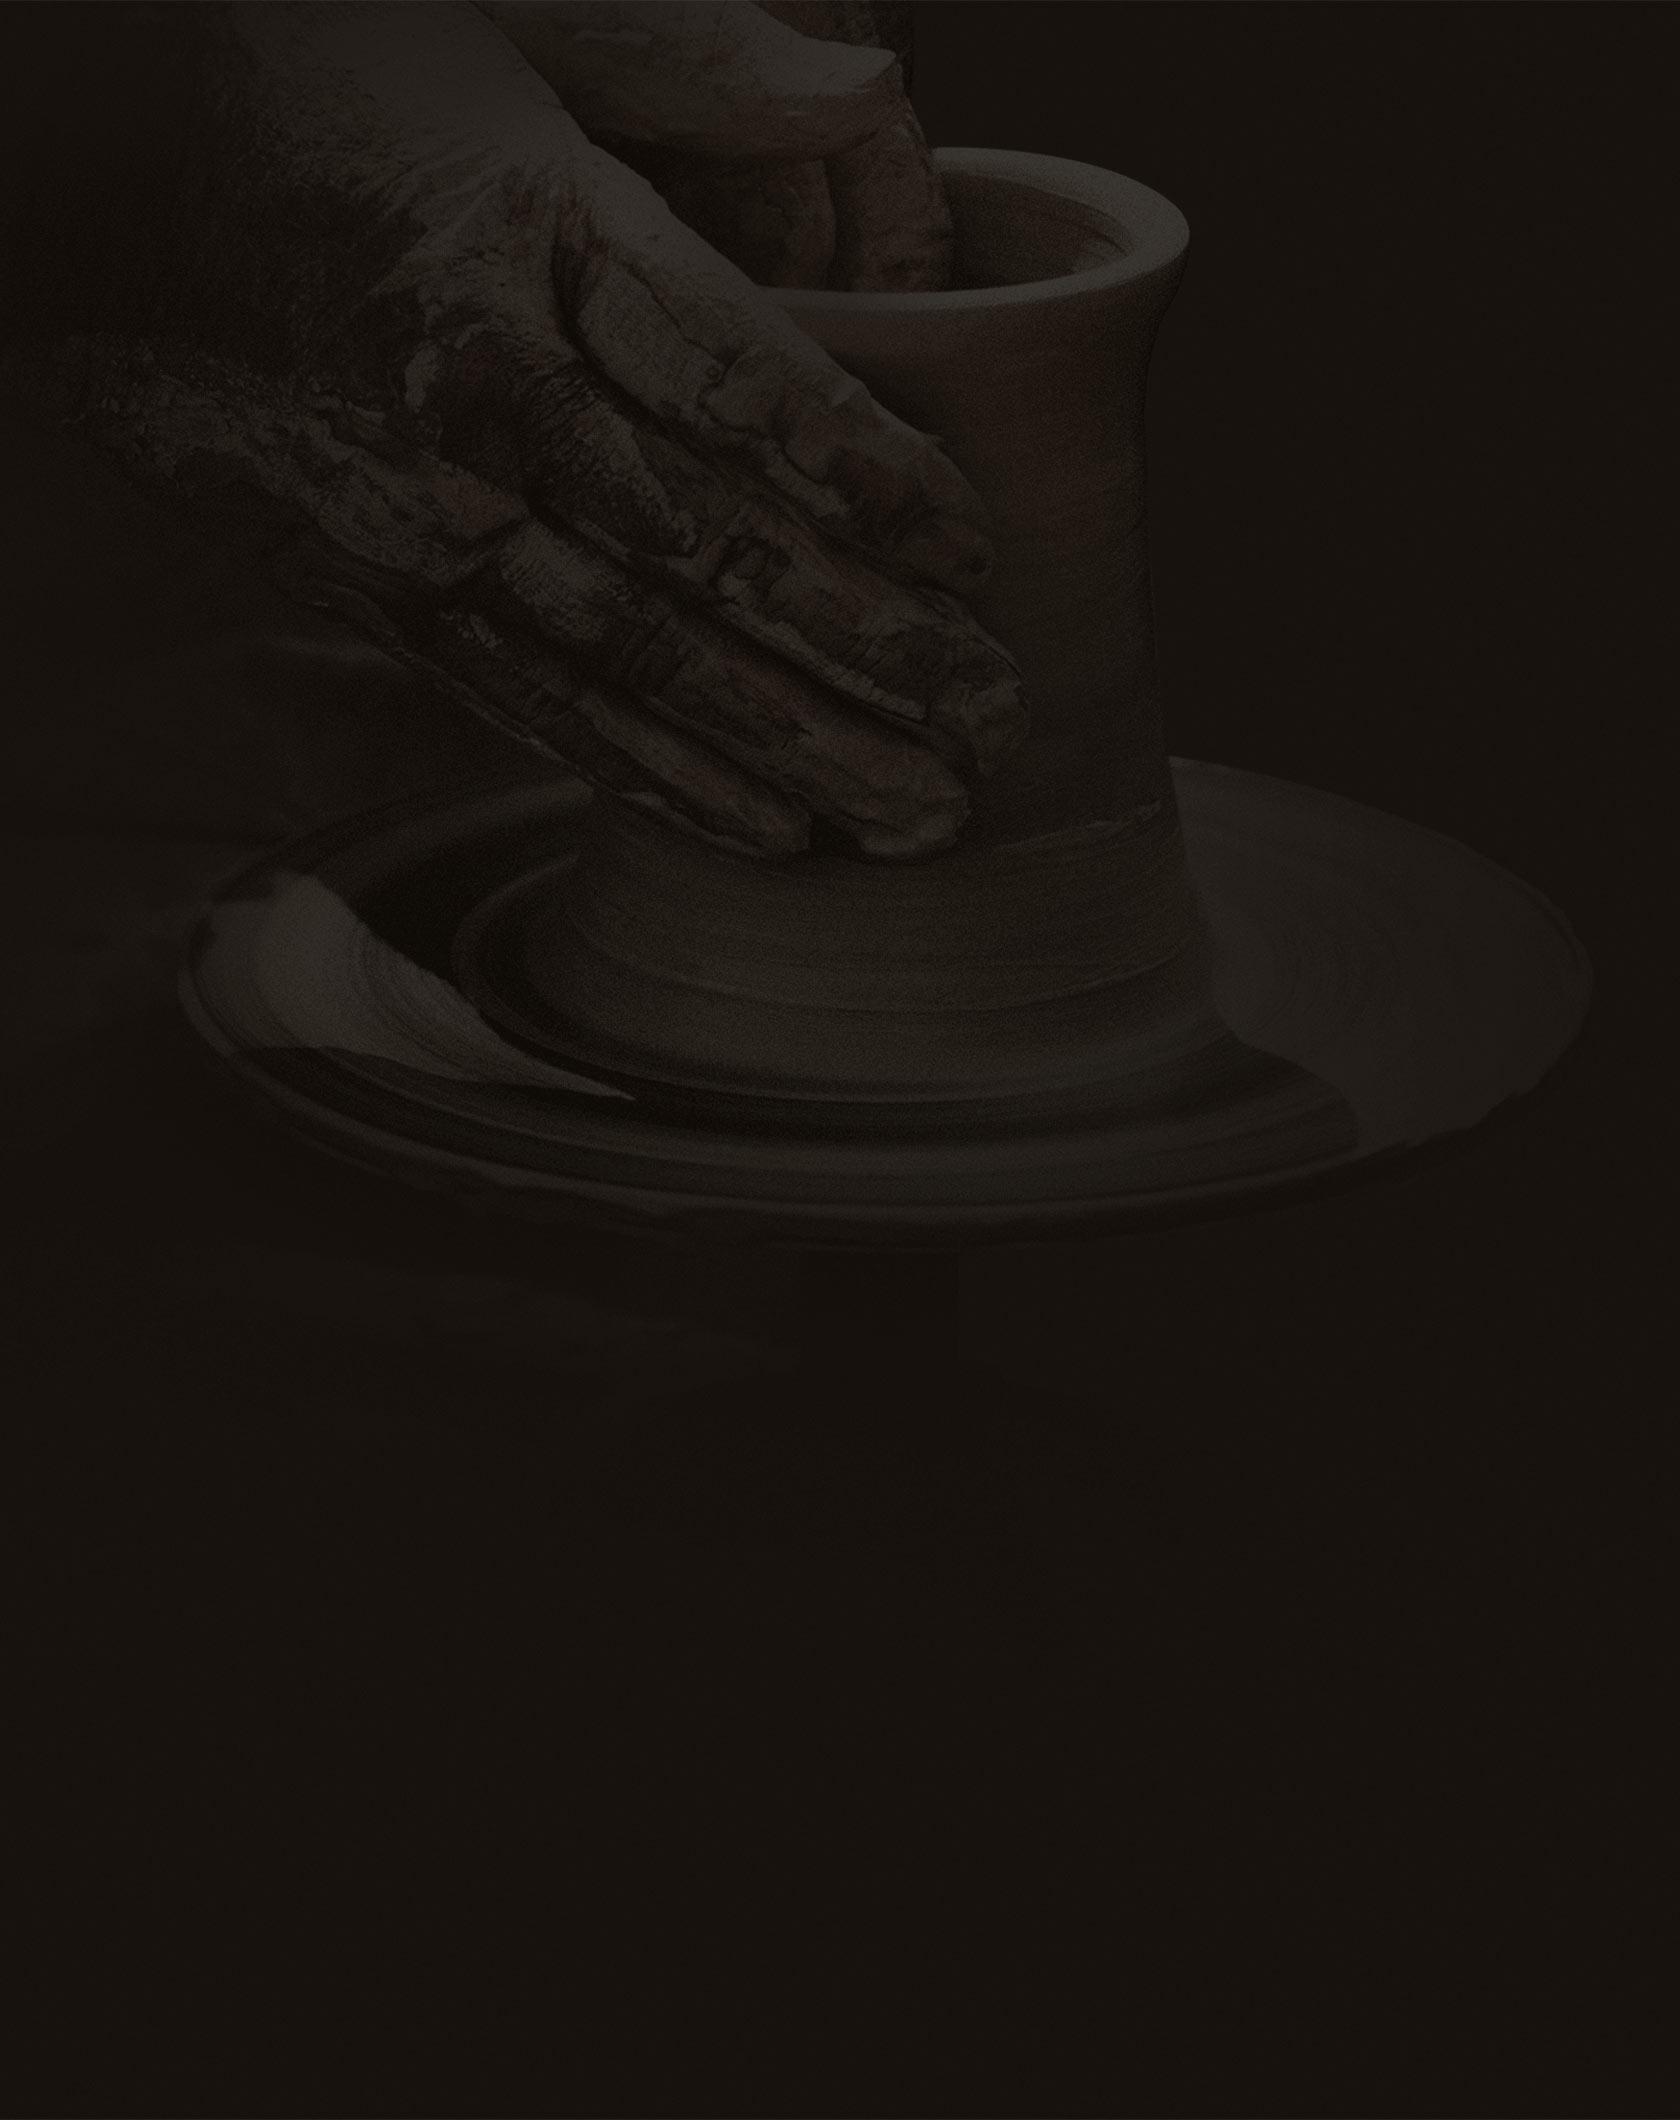 About – Heath Ceramics